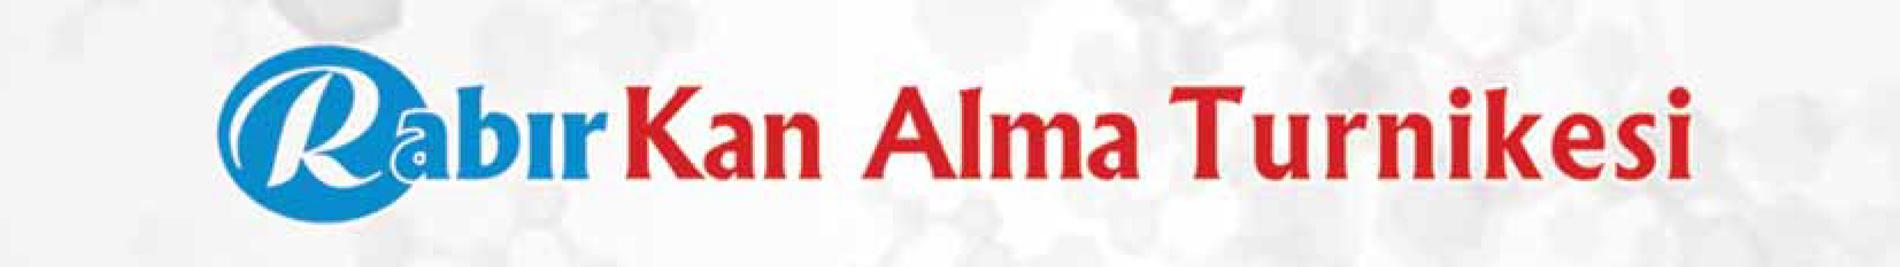 kan-alma-turnikesi